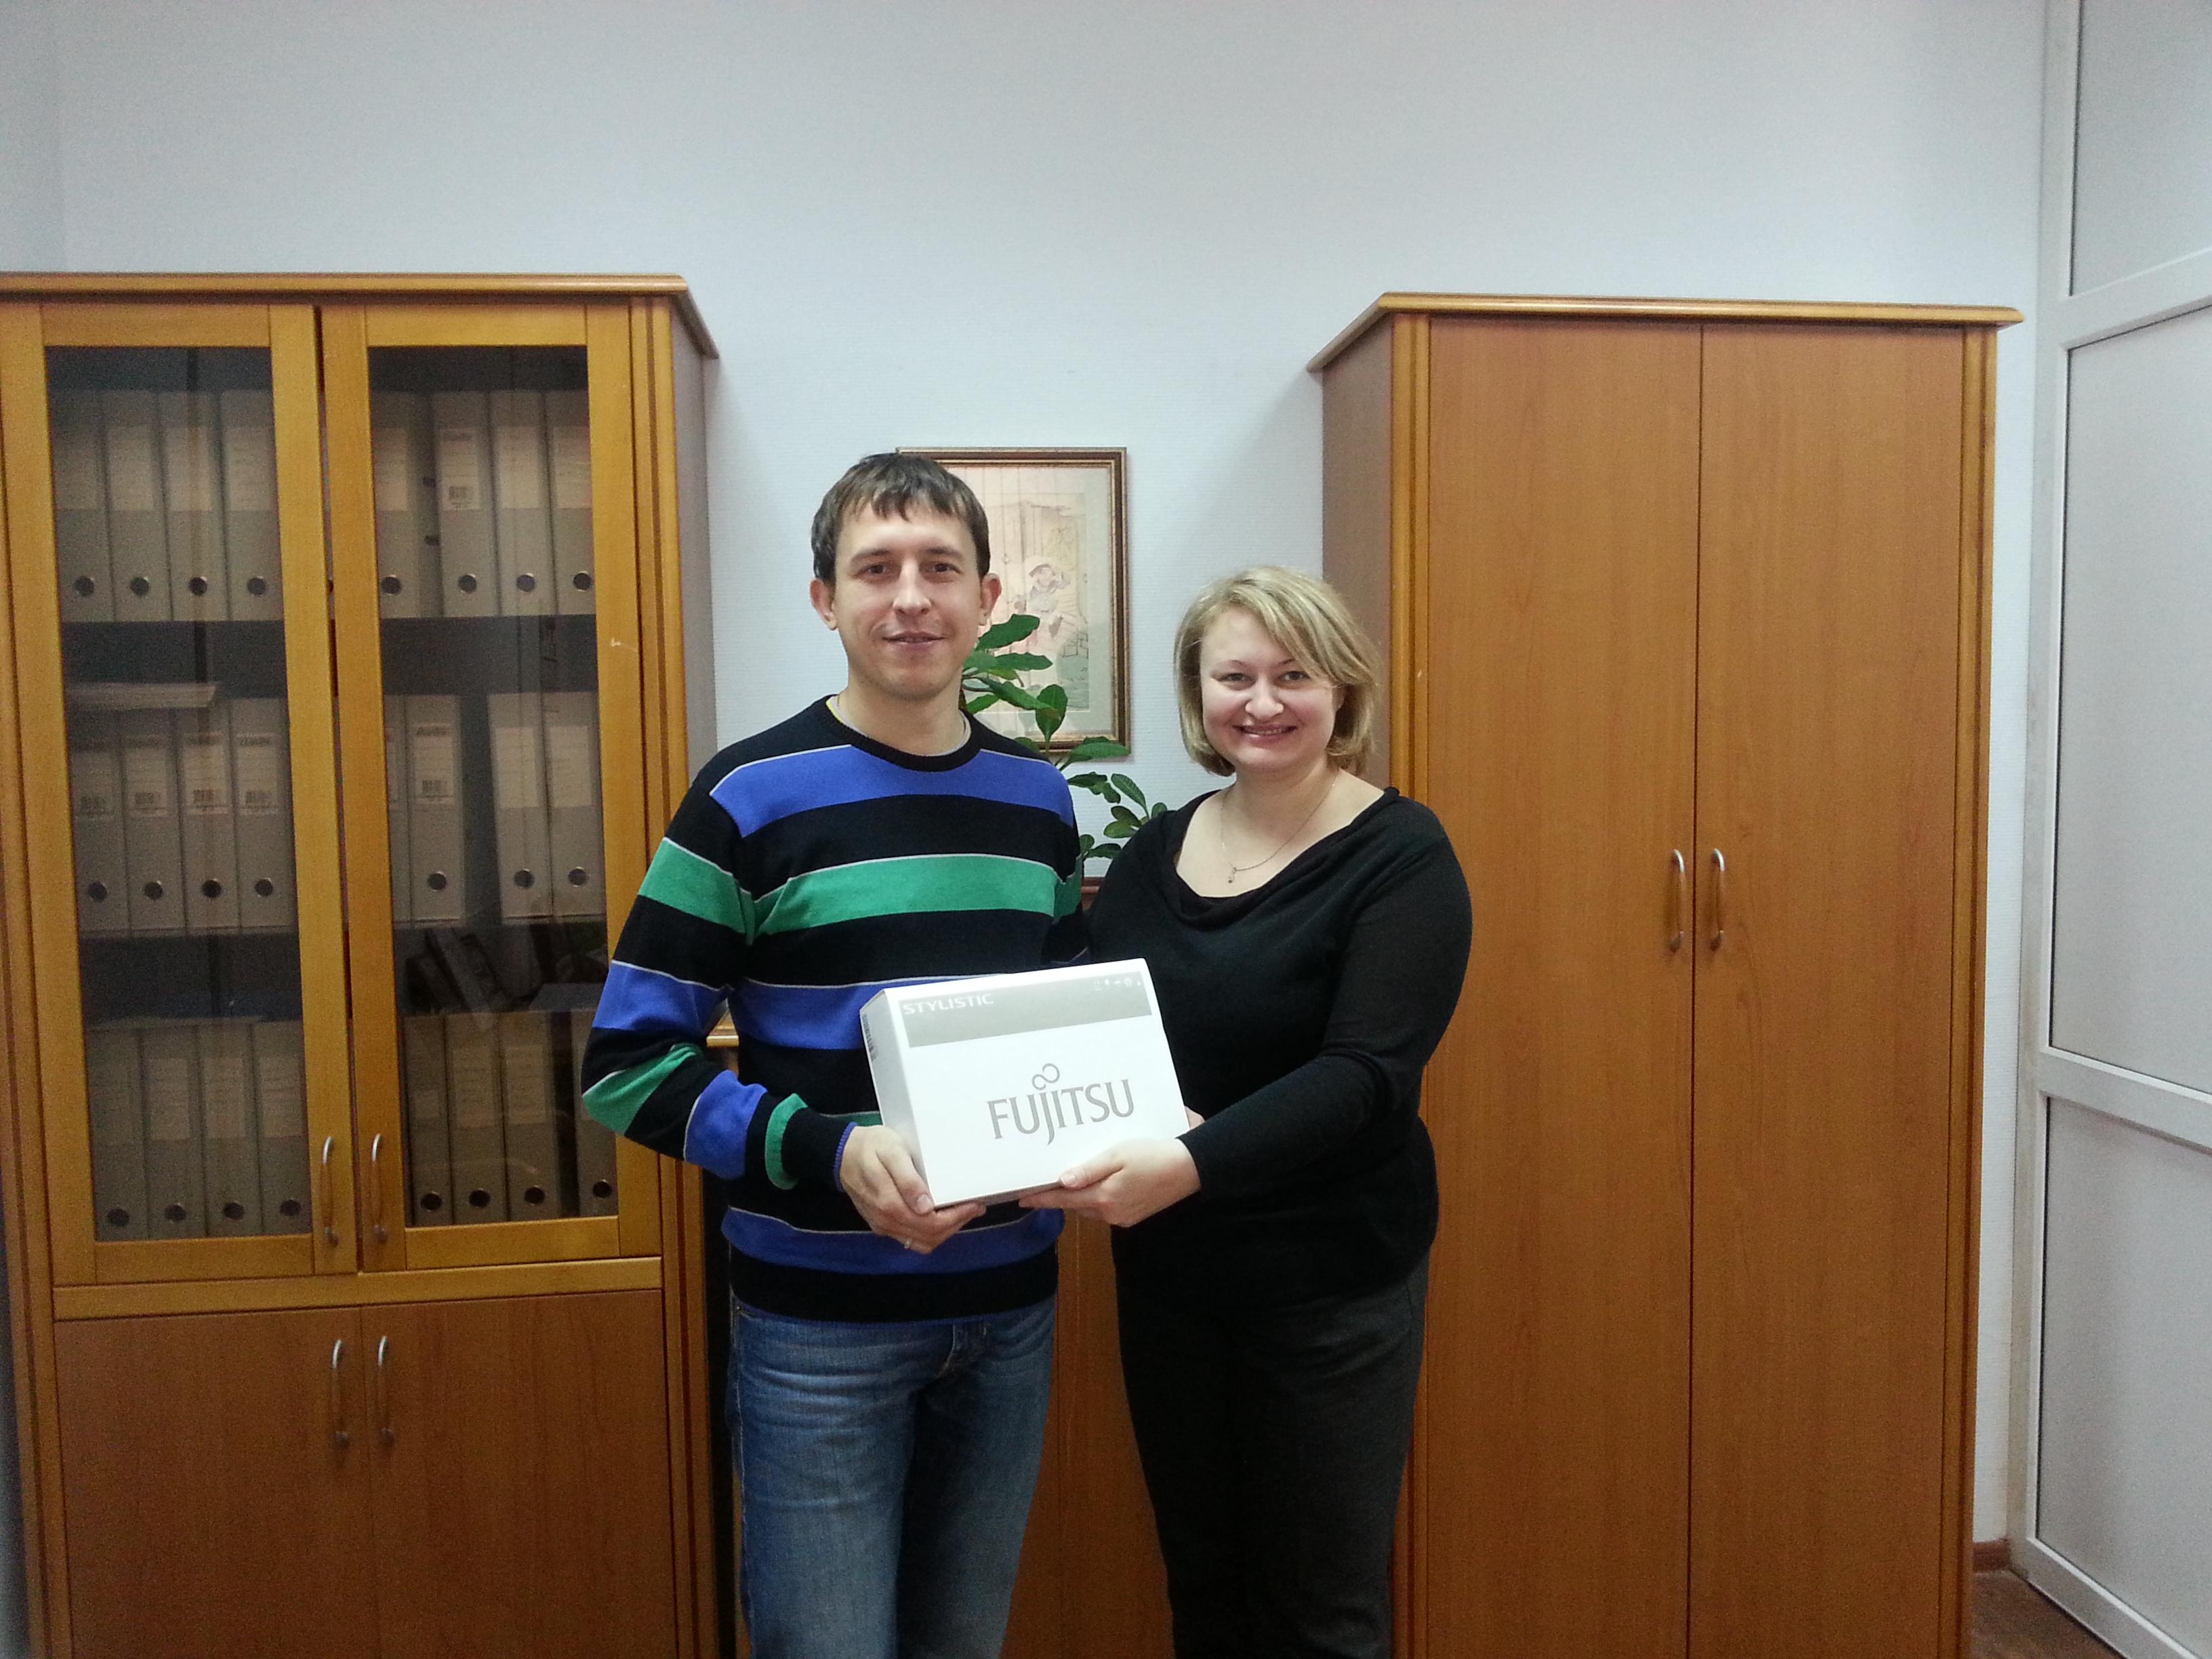 награждение победителя акции от fujitsuв Перми